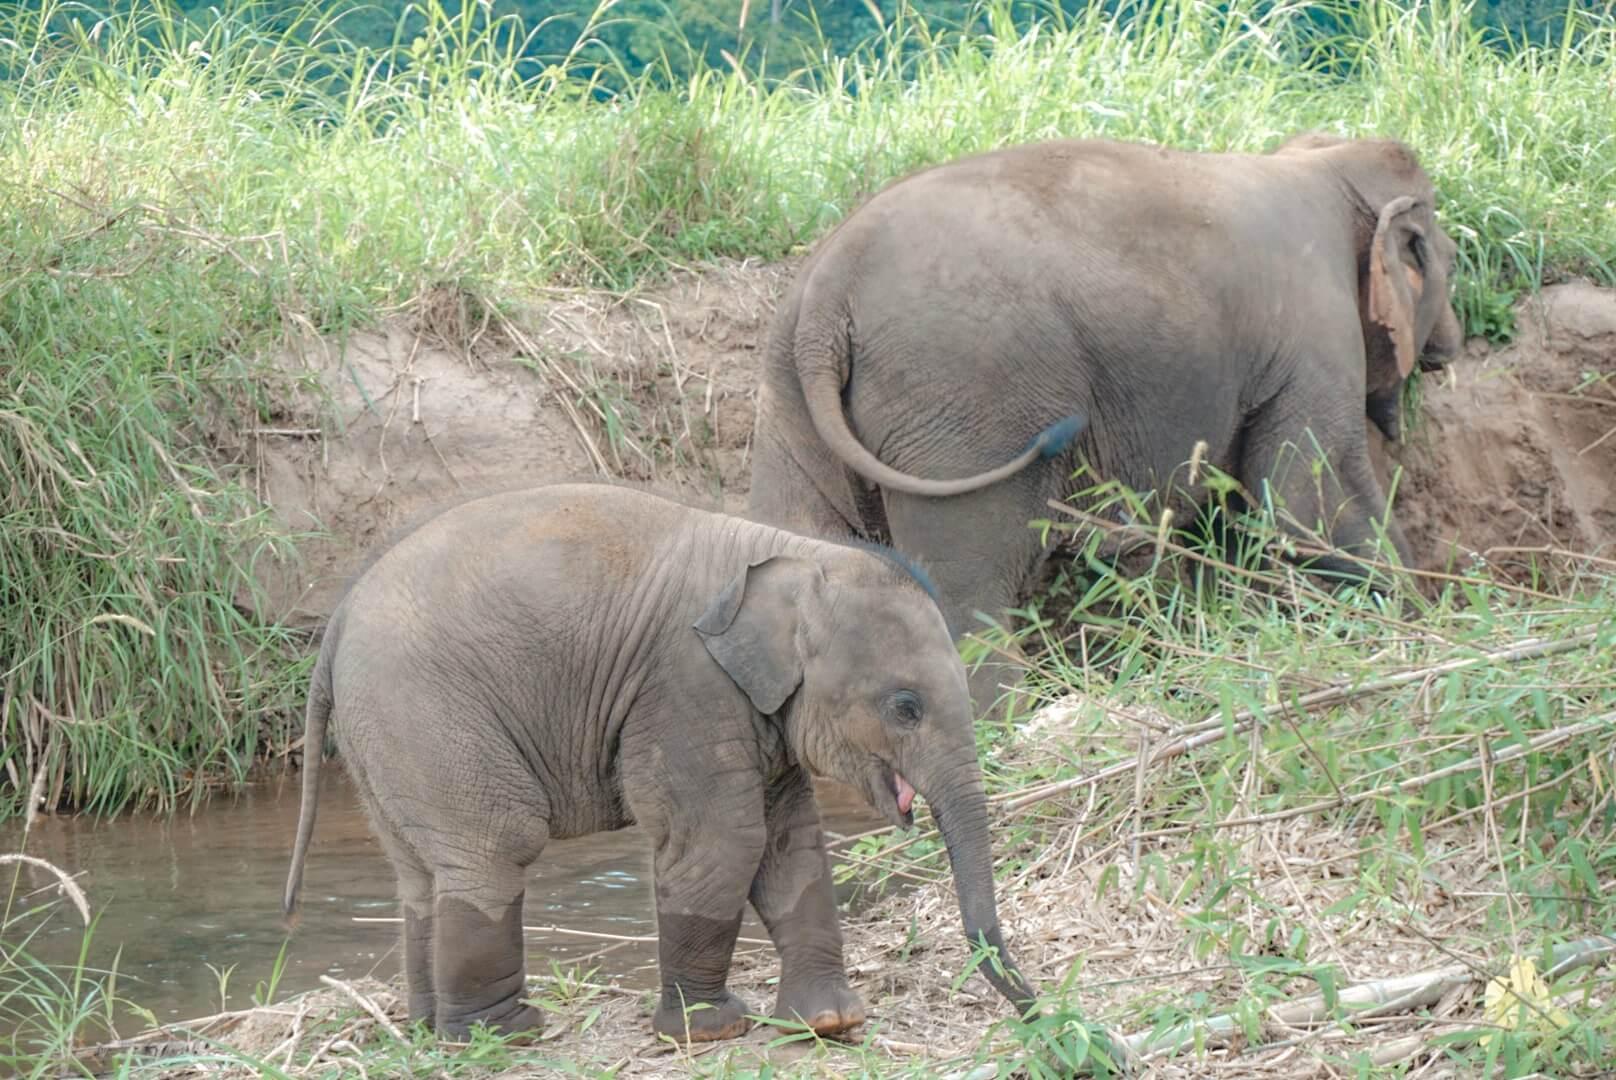 elephant asie ne pas monter dessus